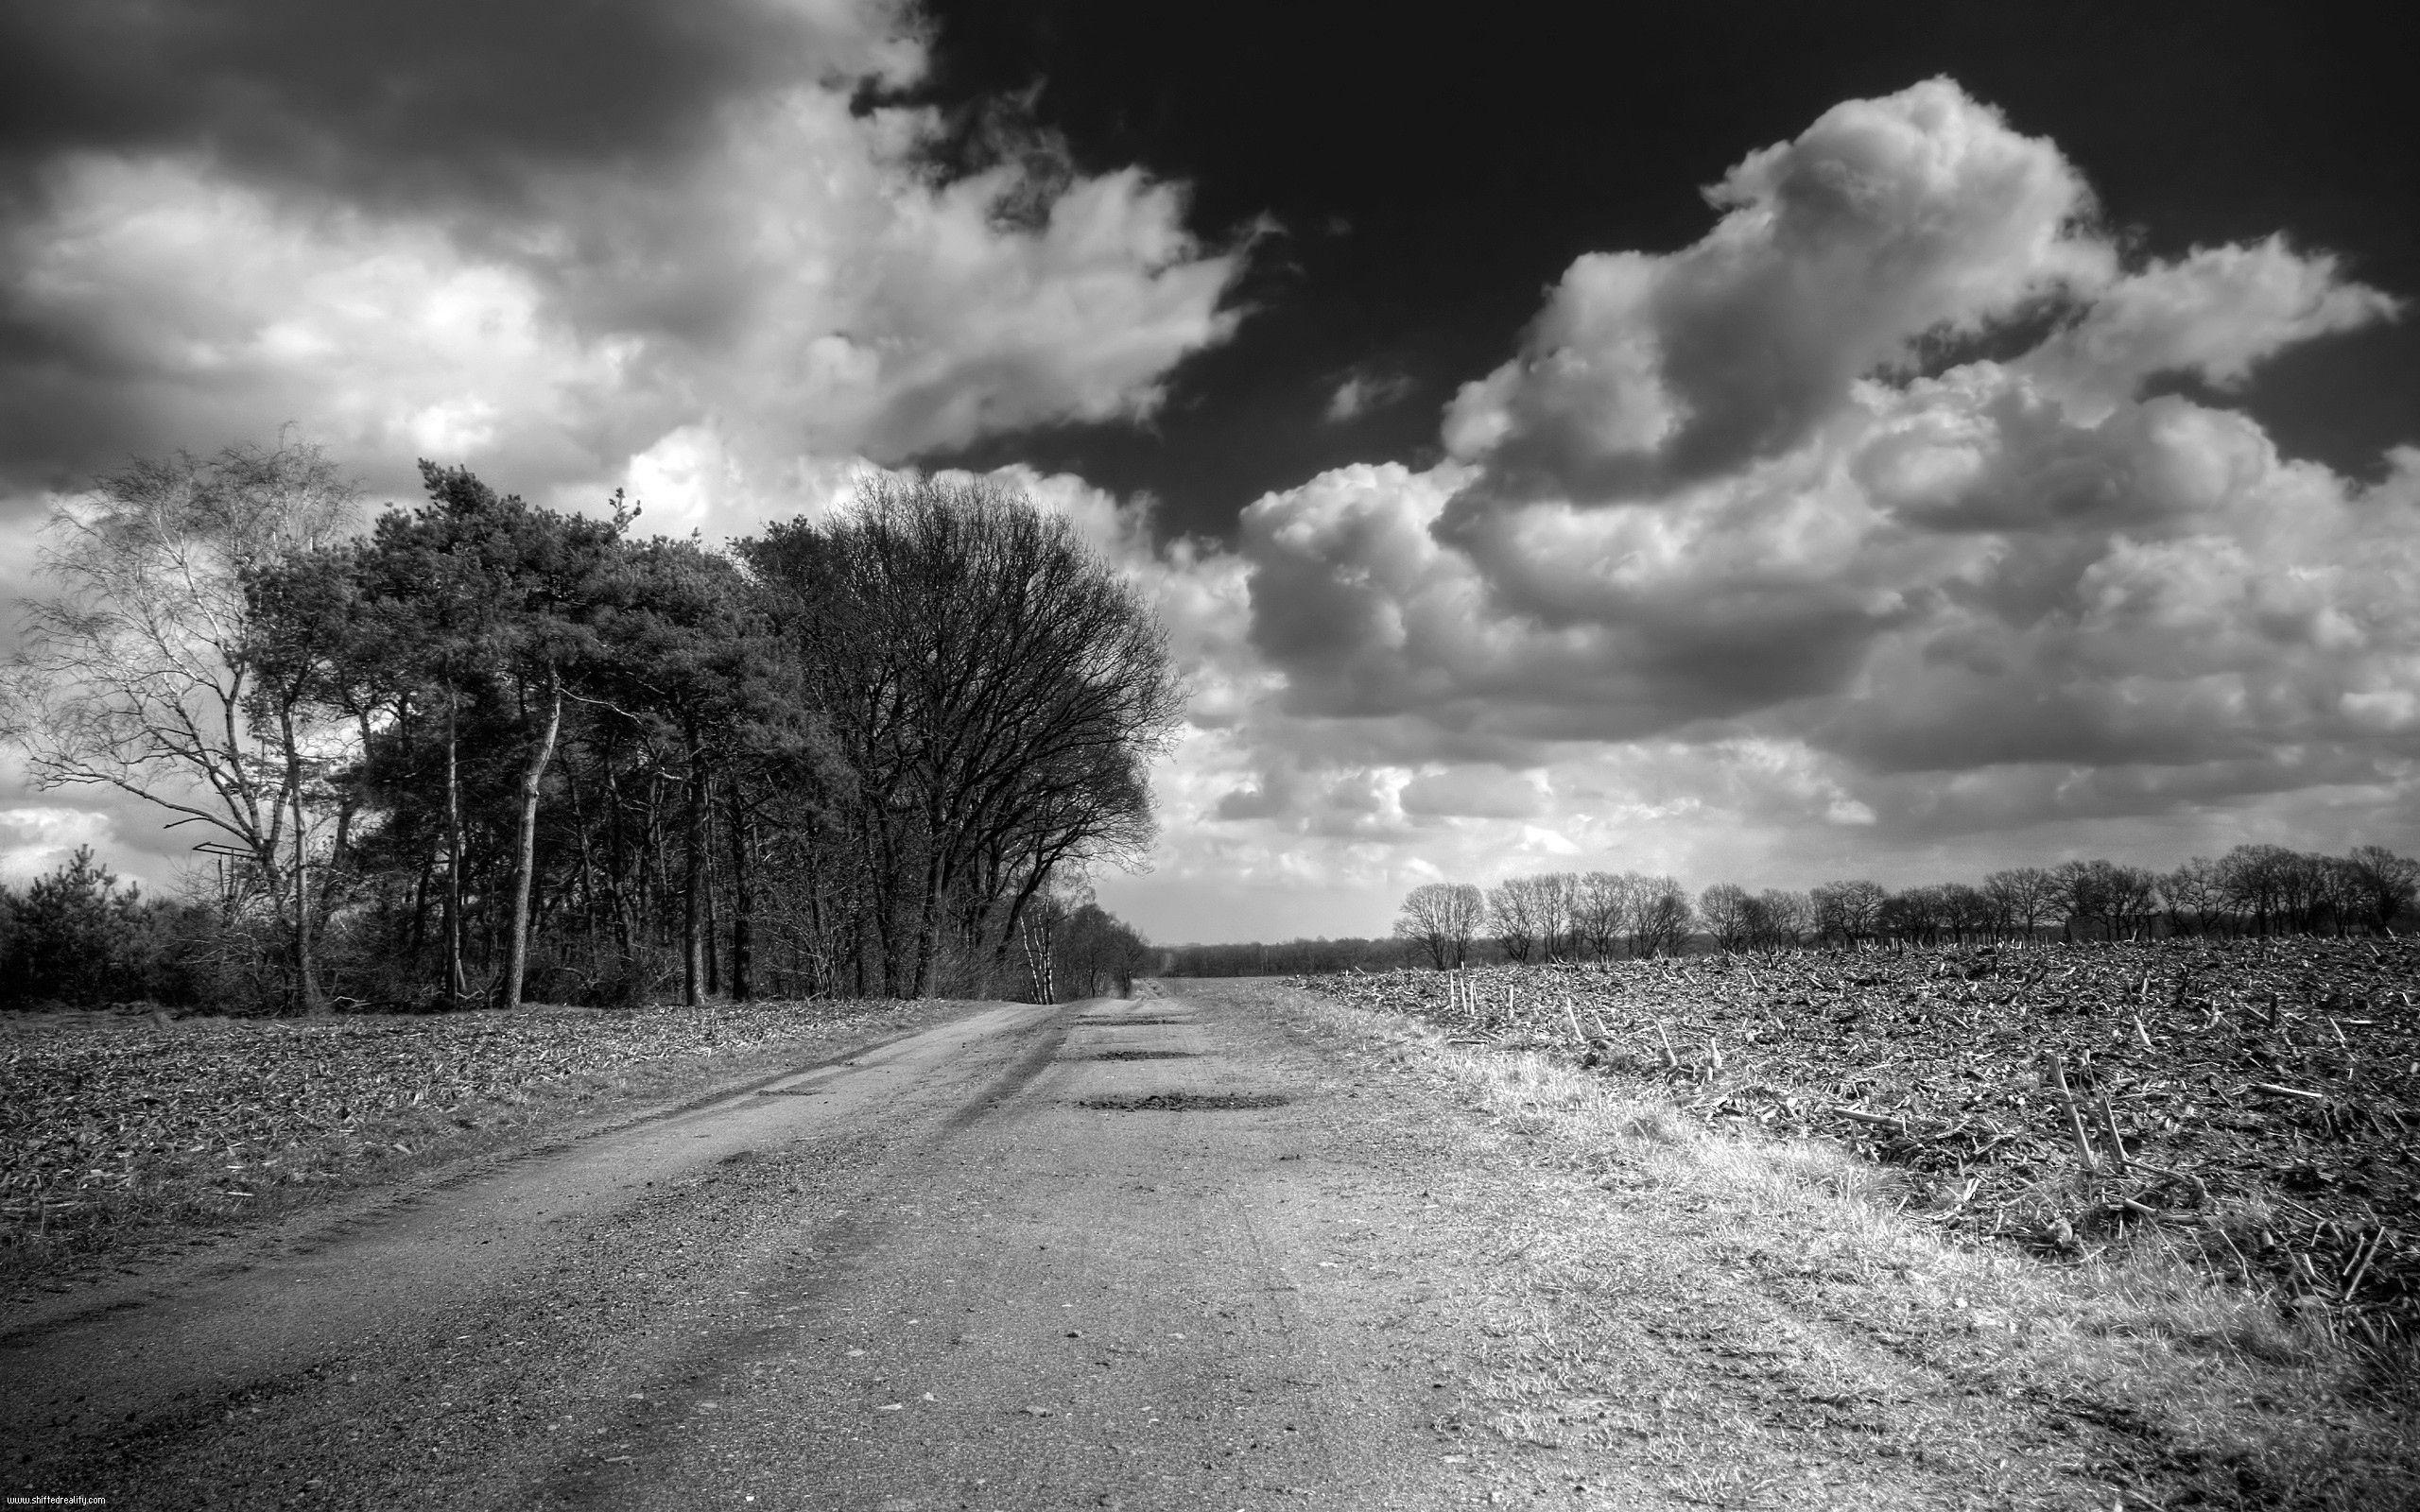 67397 baixar papel de parede Natureza, Estrada, Caminho, Campo, País, Preto E Branco, Árvores, Nuvens, Volumétrico, Volumoso - protetores de tela e imagens gratuitamente